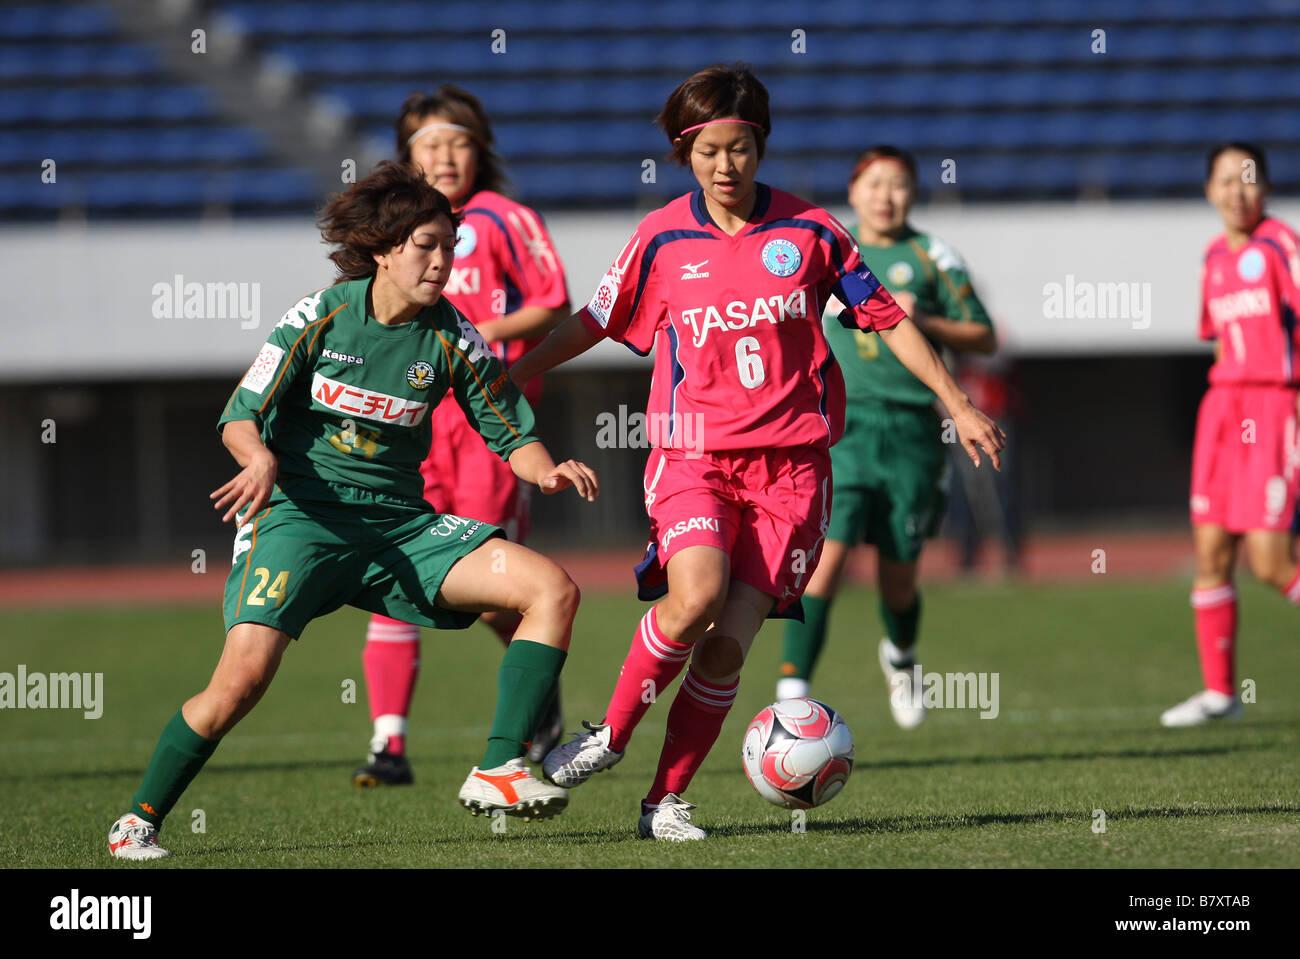 L to R Ø Nanase Kiryu Beleza ì O q Hiroko Sano Perule NOVEMBER 23 2008 Football 2008 NADESHIKO League - Stock Image